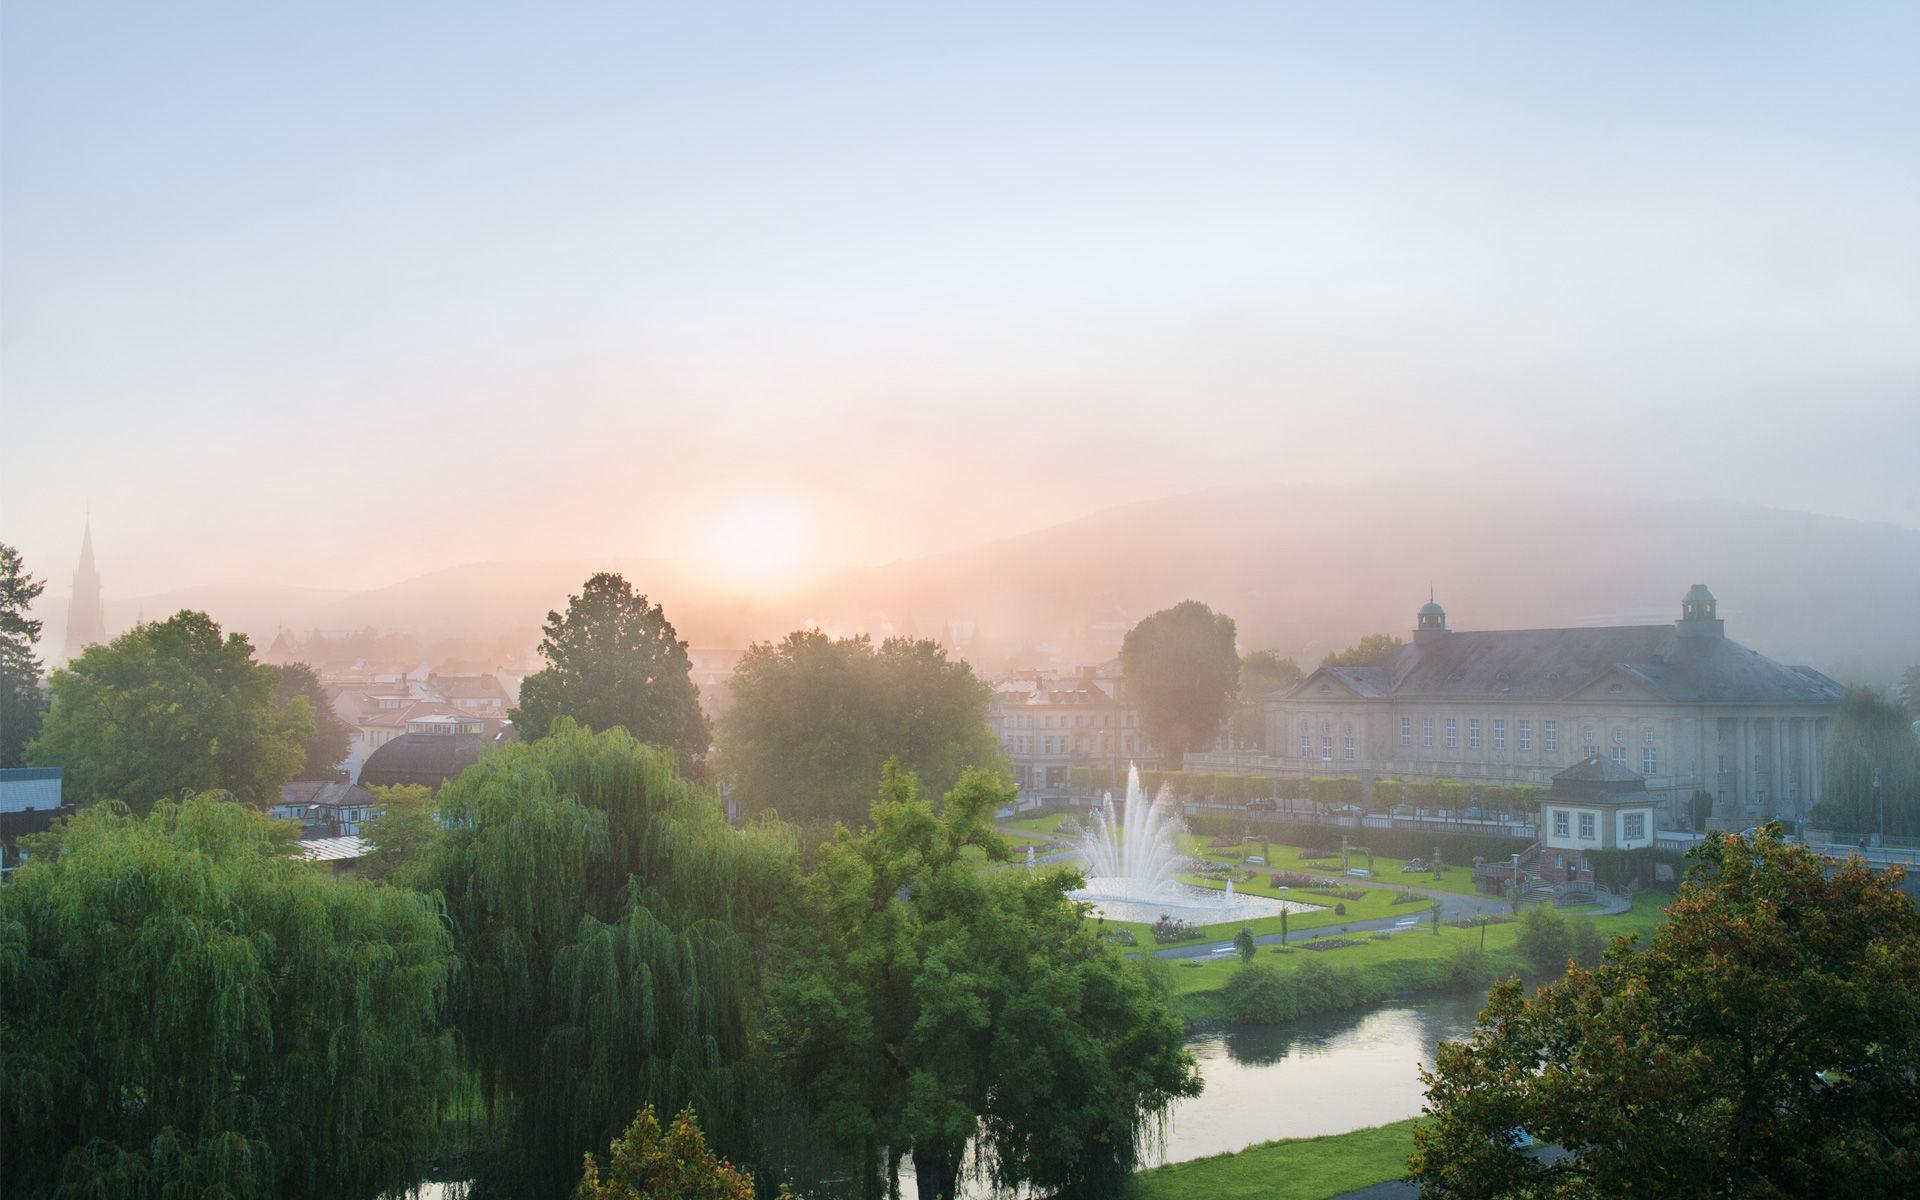 Morgengrauen in Bad Kissingen